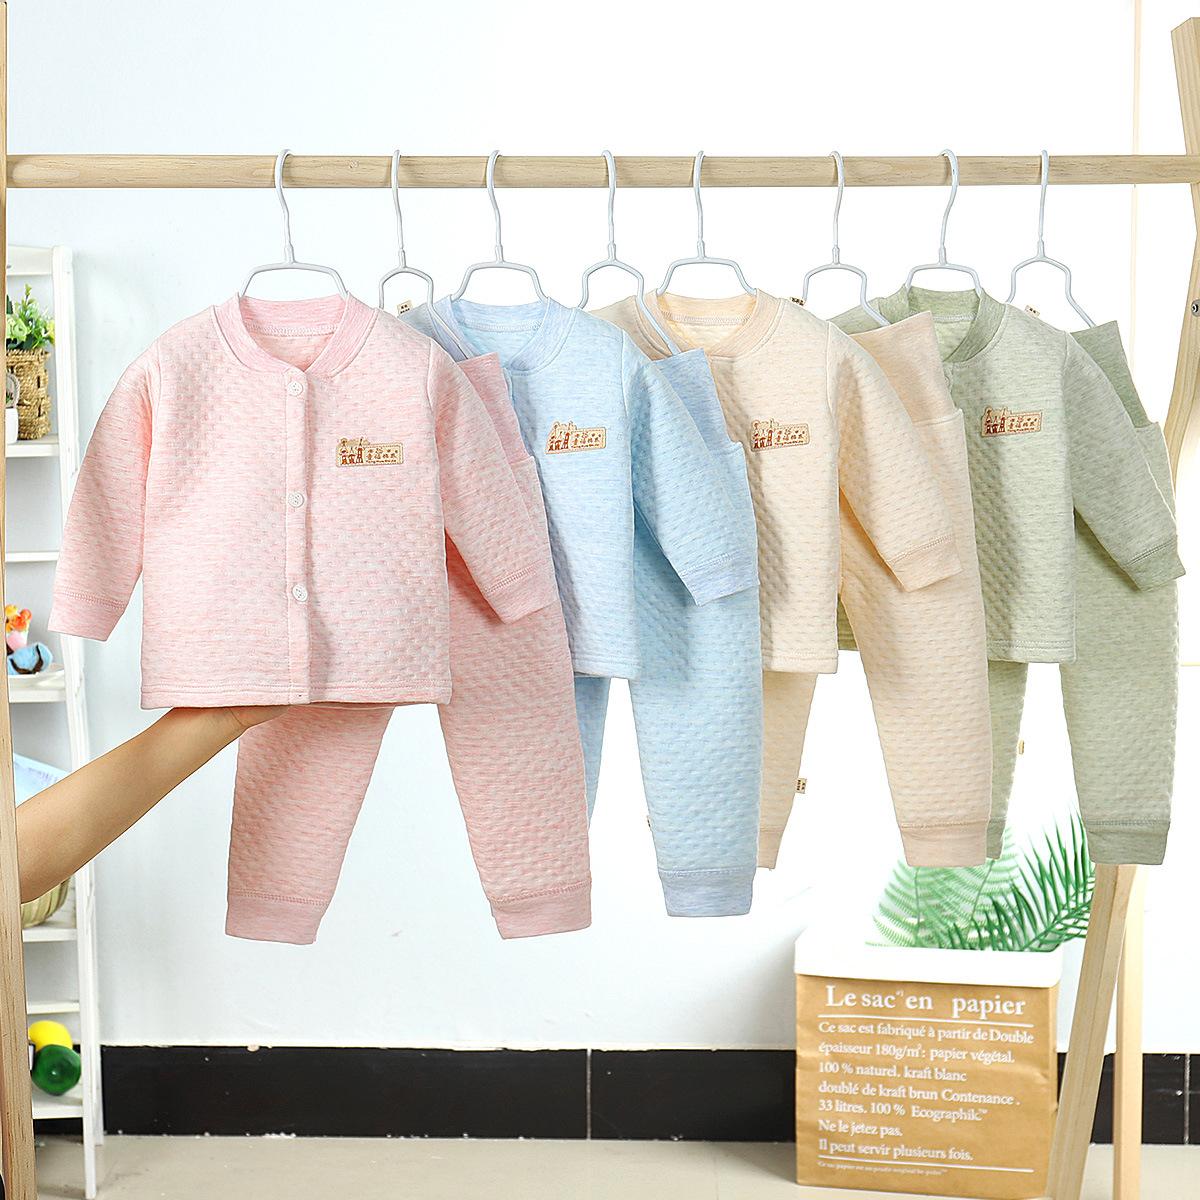 2020新款儿童内衣夹棉婴儿三层保暖加厚高腰护肚裤套装打底衣童装